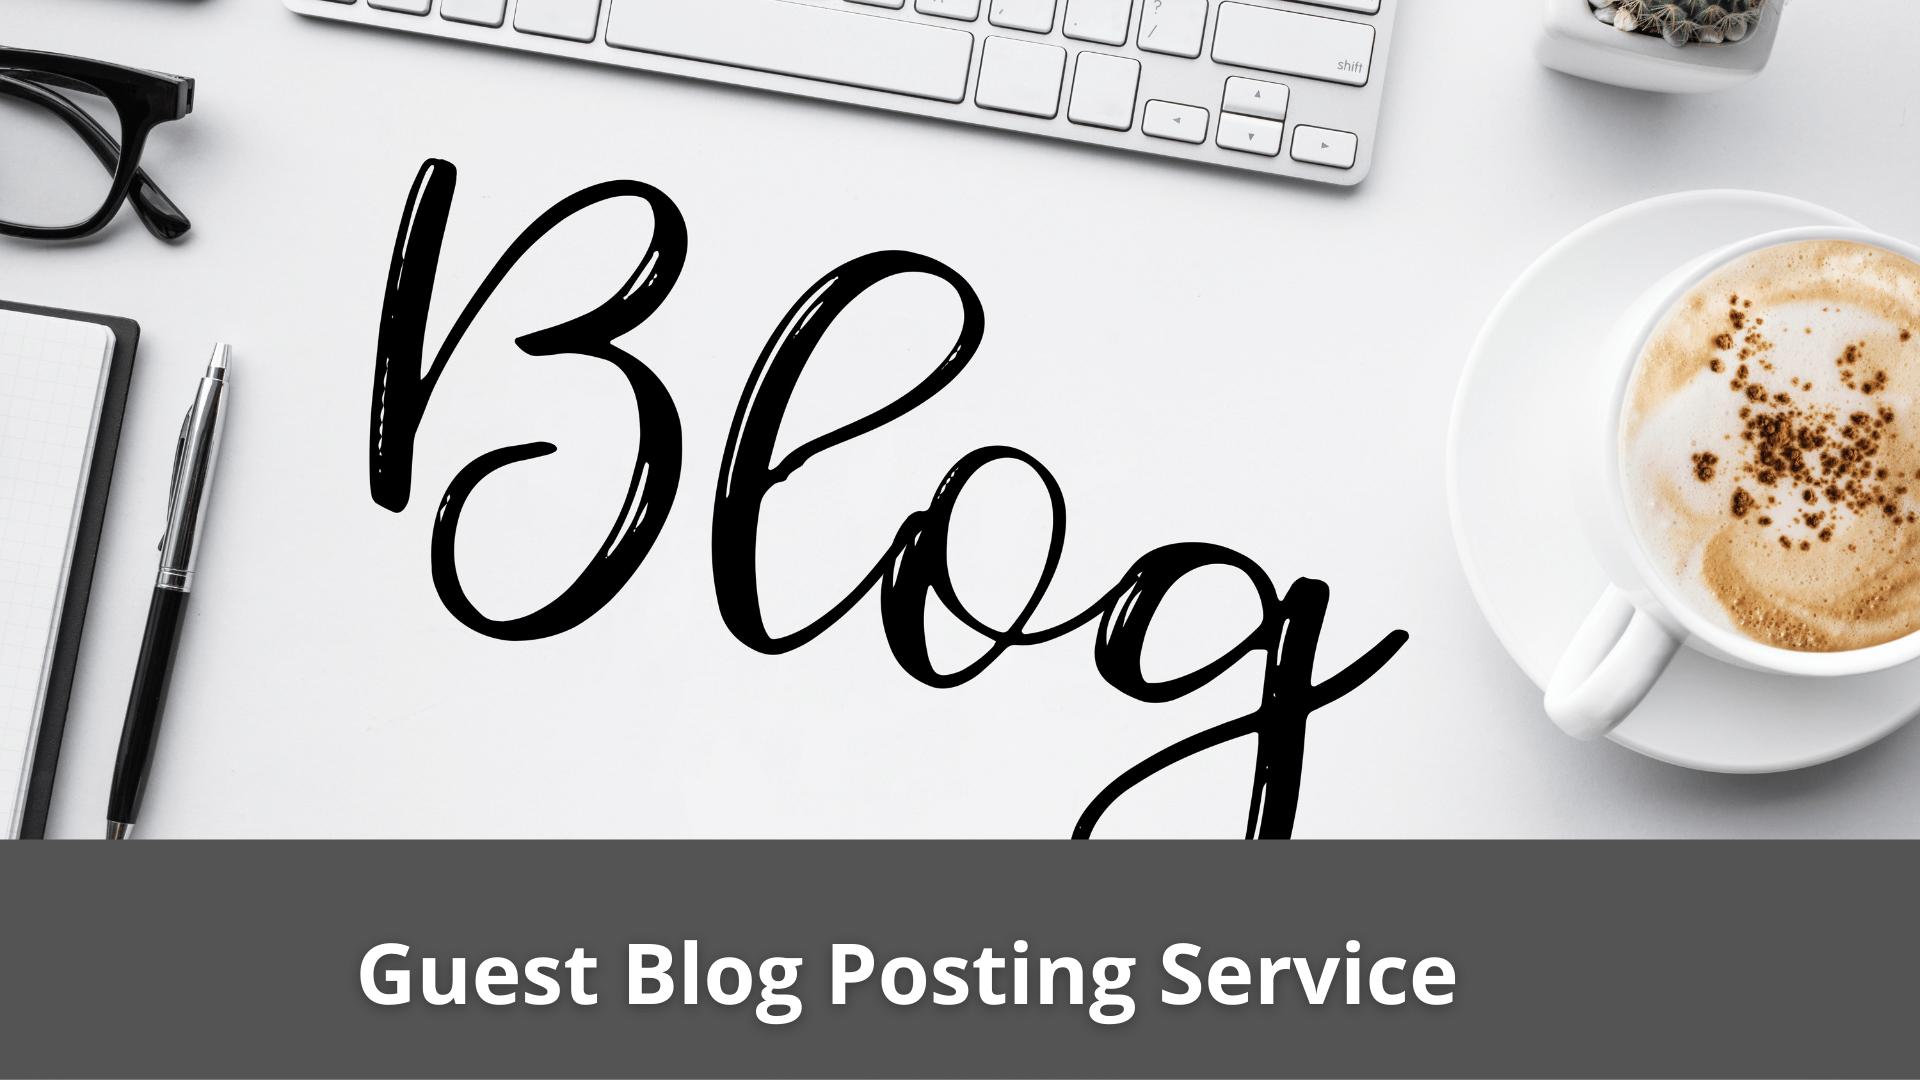 Guest Blog Posting Service 41